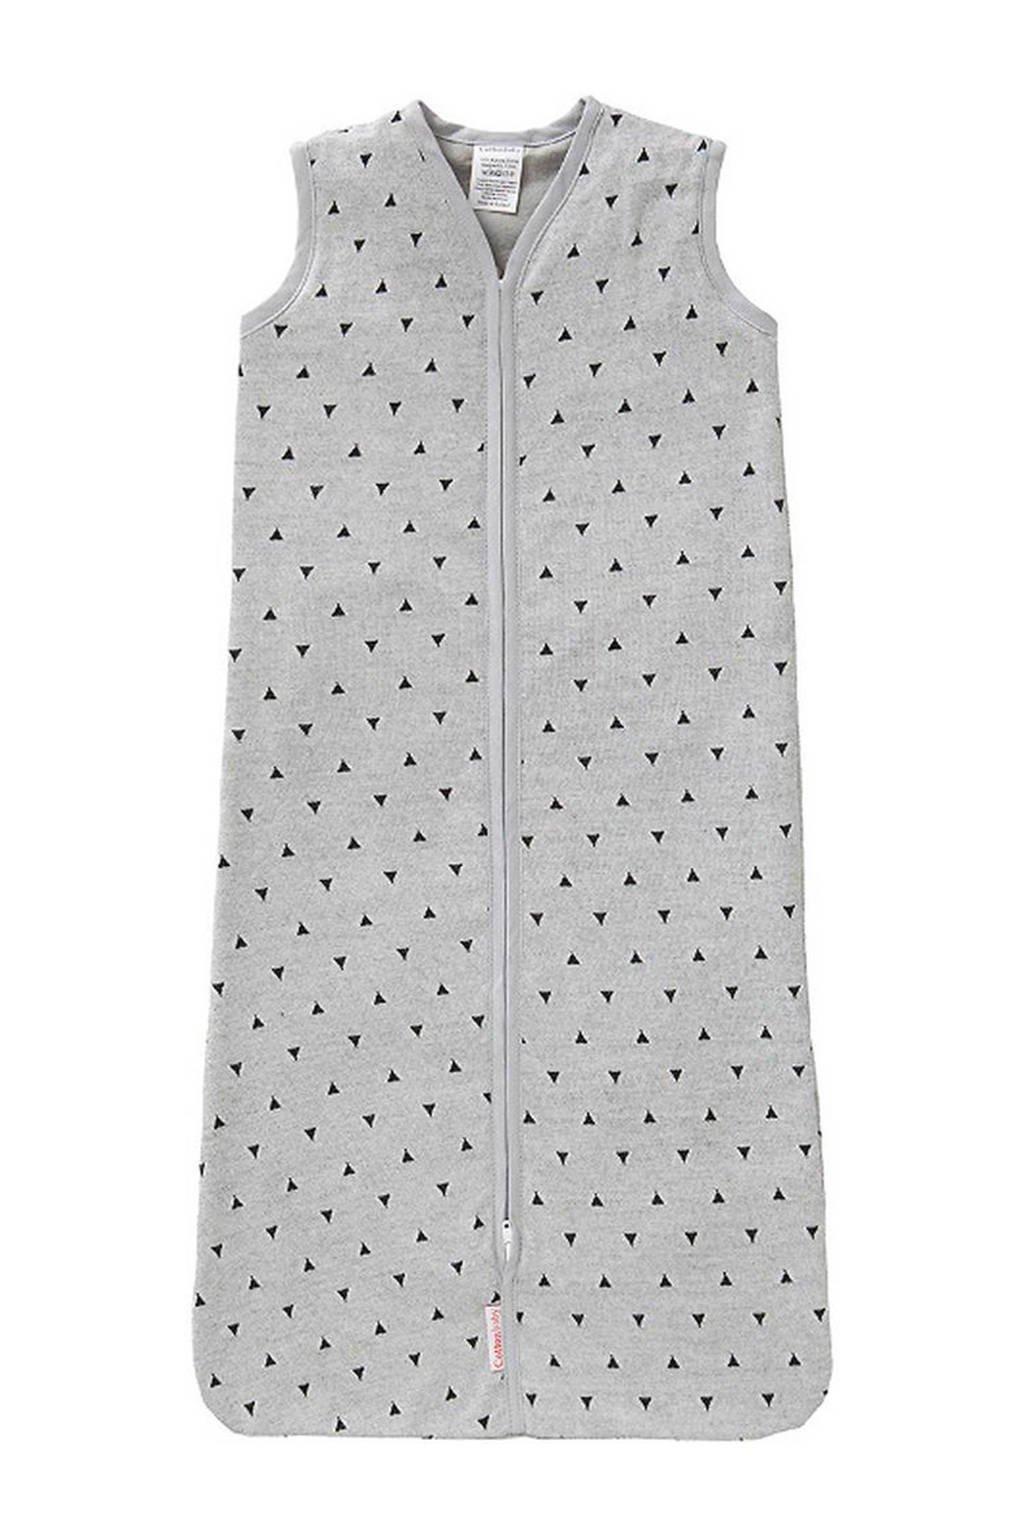 Cottonbaby driehoek slaapzak gevoerd 80 cm grijs/zwart, Grijs/zwart